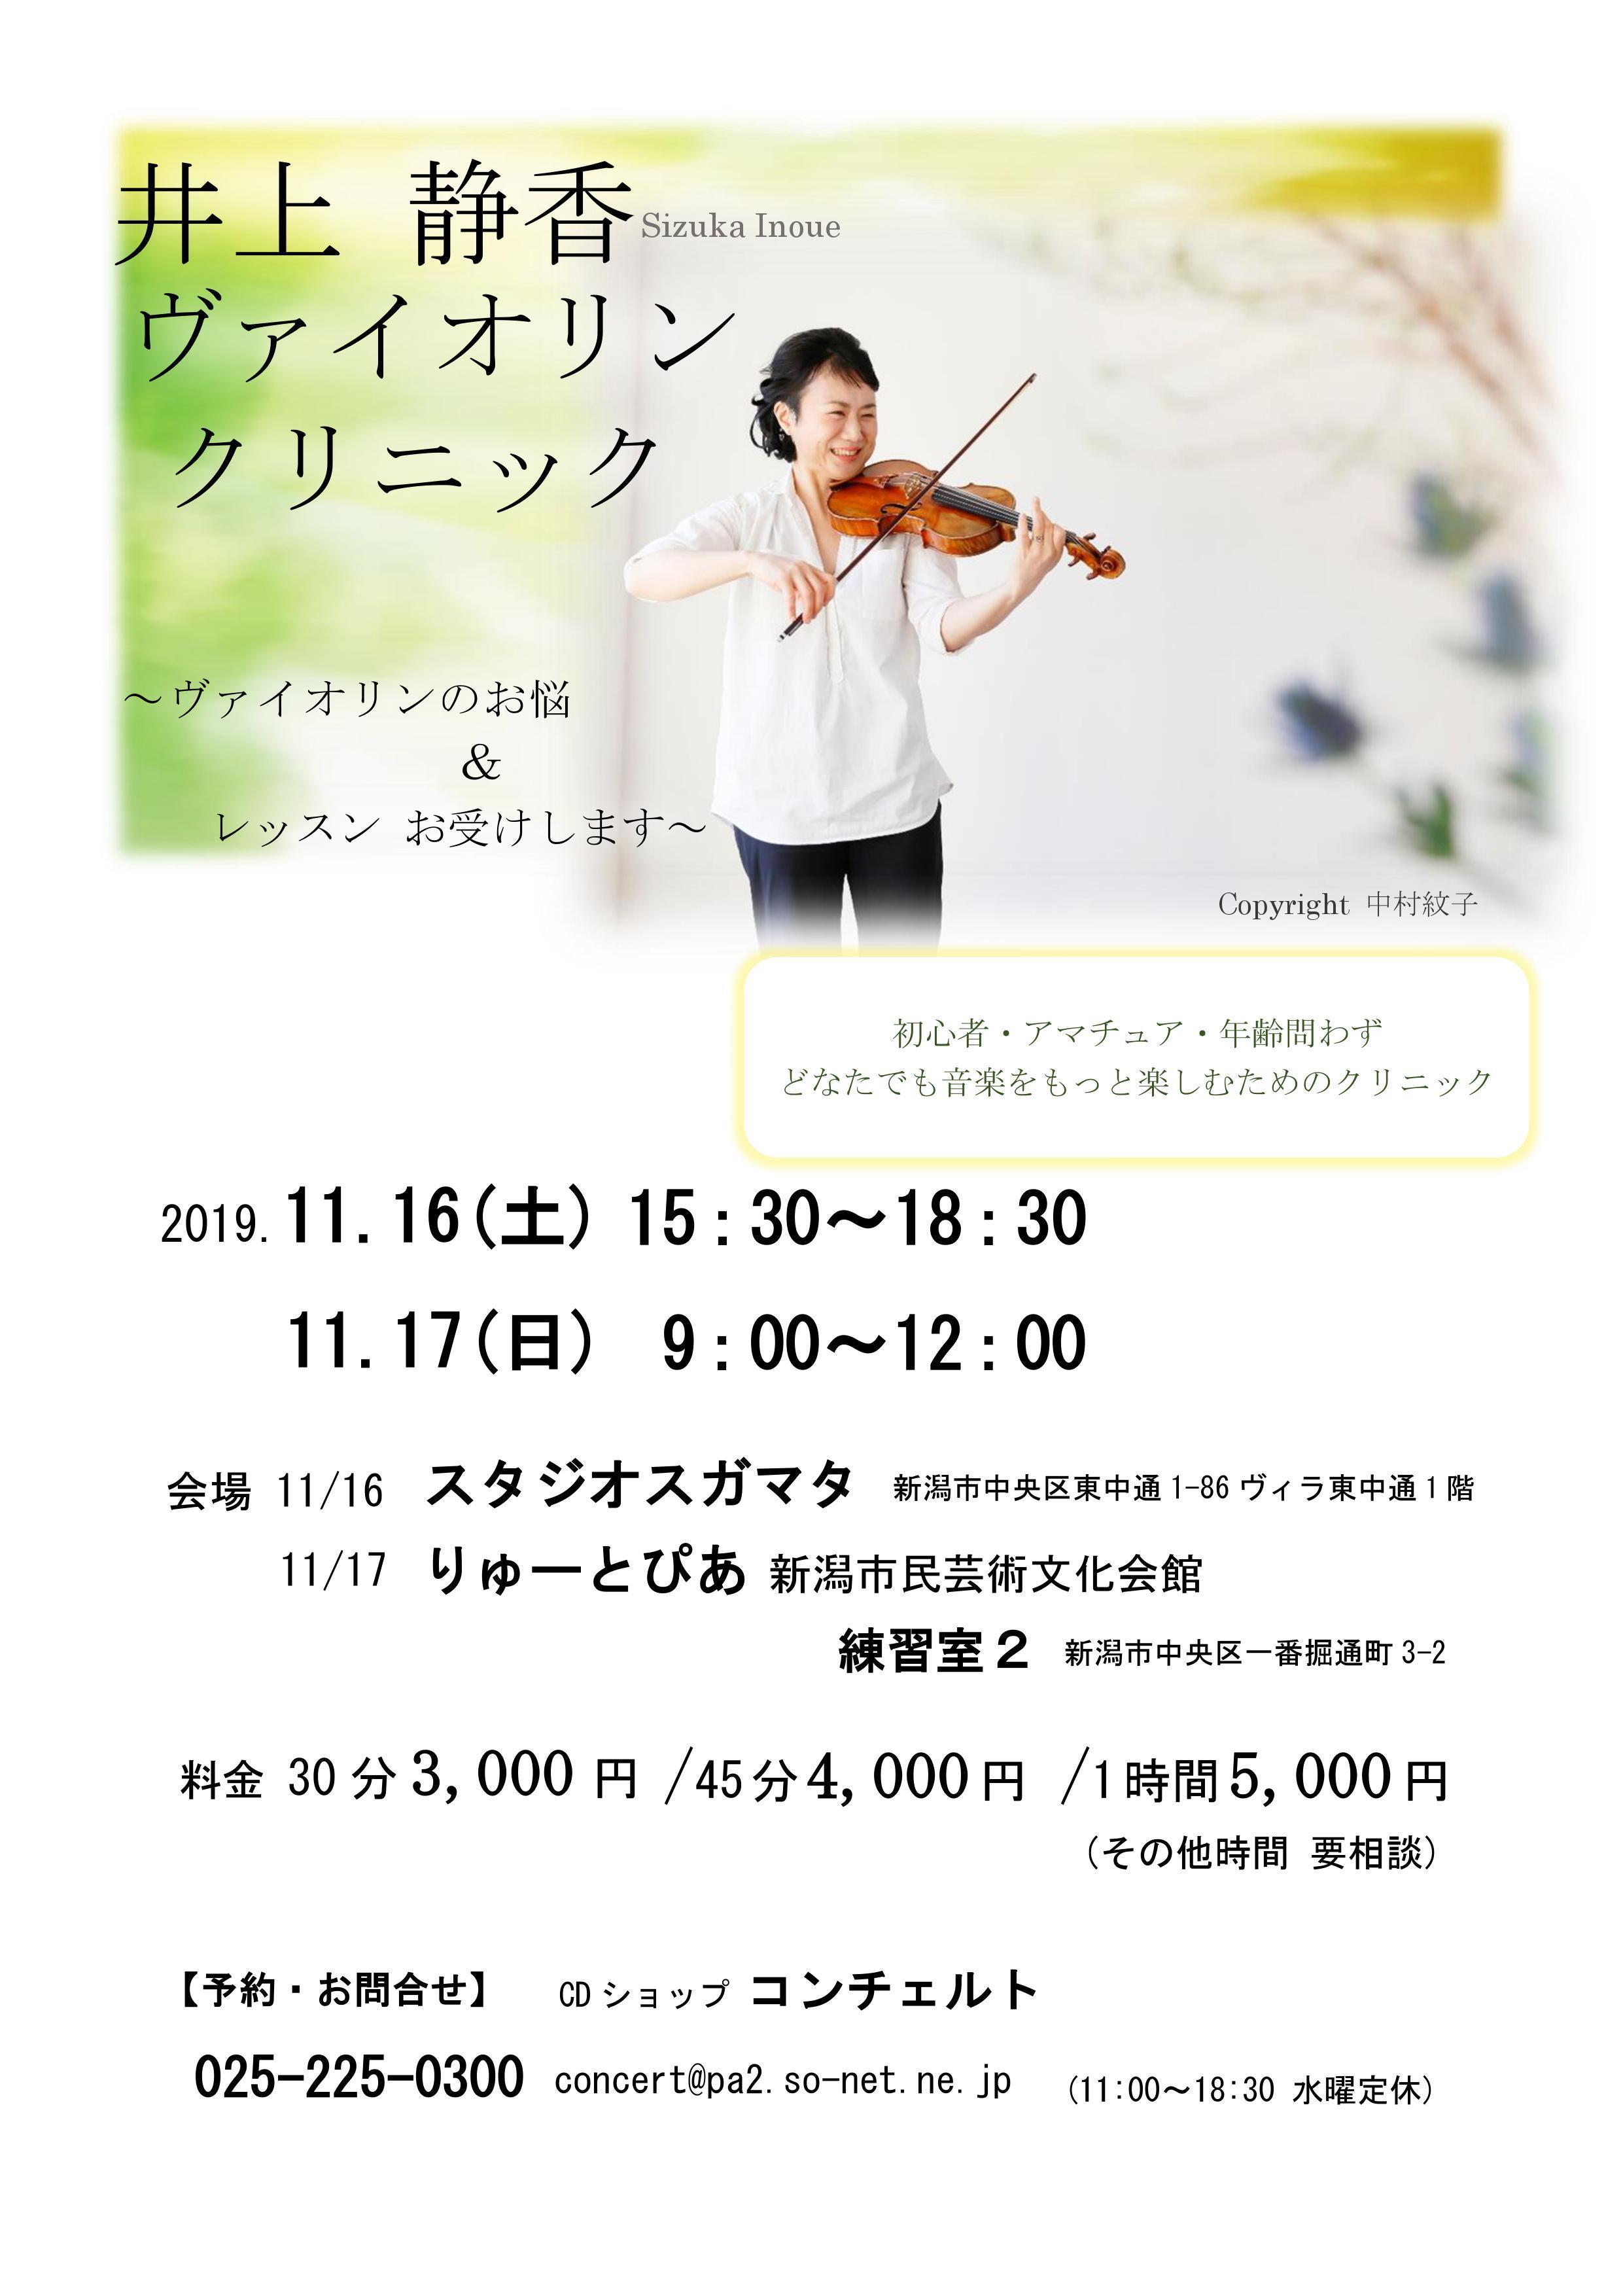 オーケストラ聴きにいきましょう。_e0046190_17251828.jpg